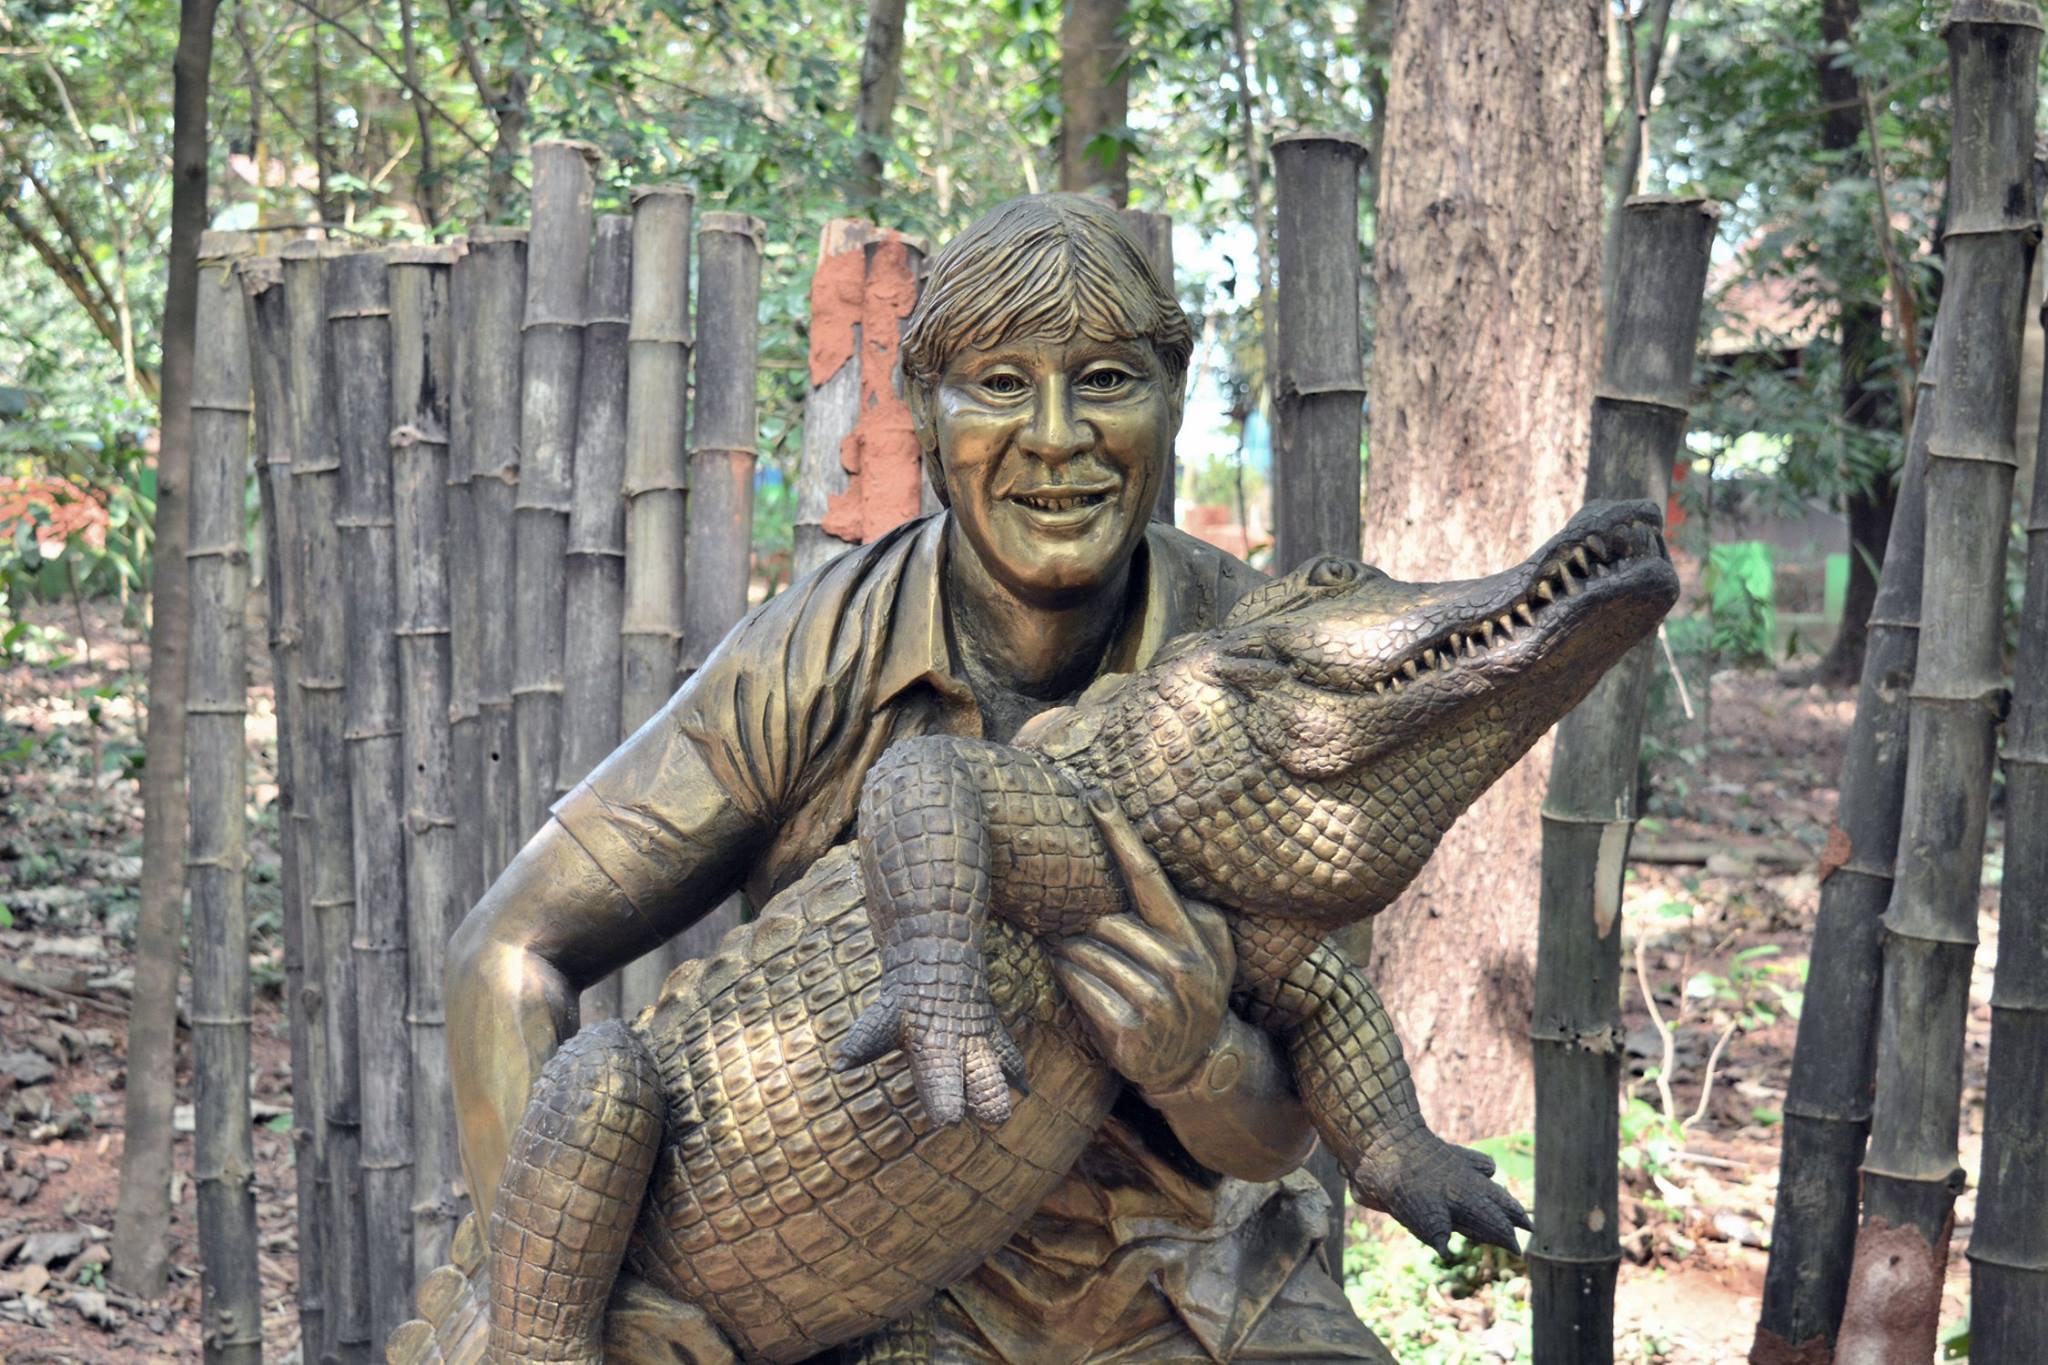 Steve Irwin je vjerojatno globalno najpopularniji prijatelj životinja koji je imao svoju popularnu TV emisiju. Čime je zaslužio ovakvu sablasnu statuu, ne znamo.